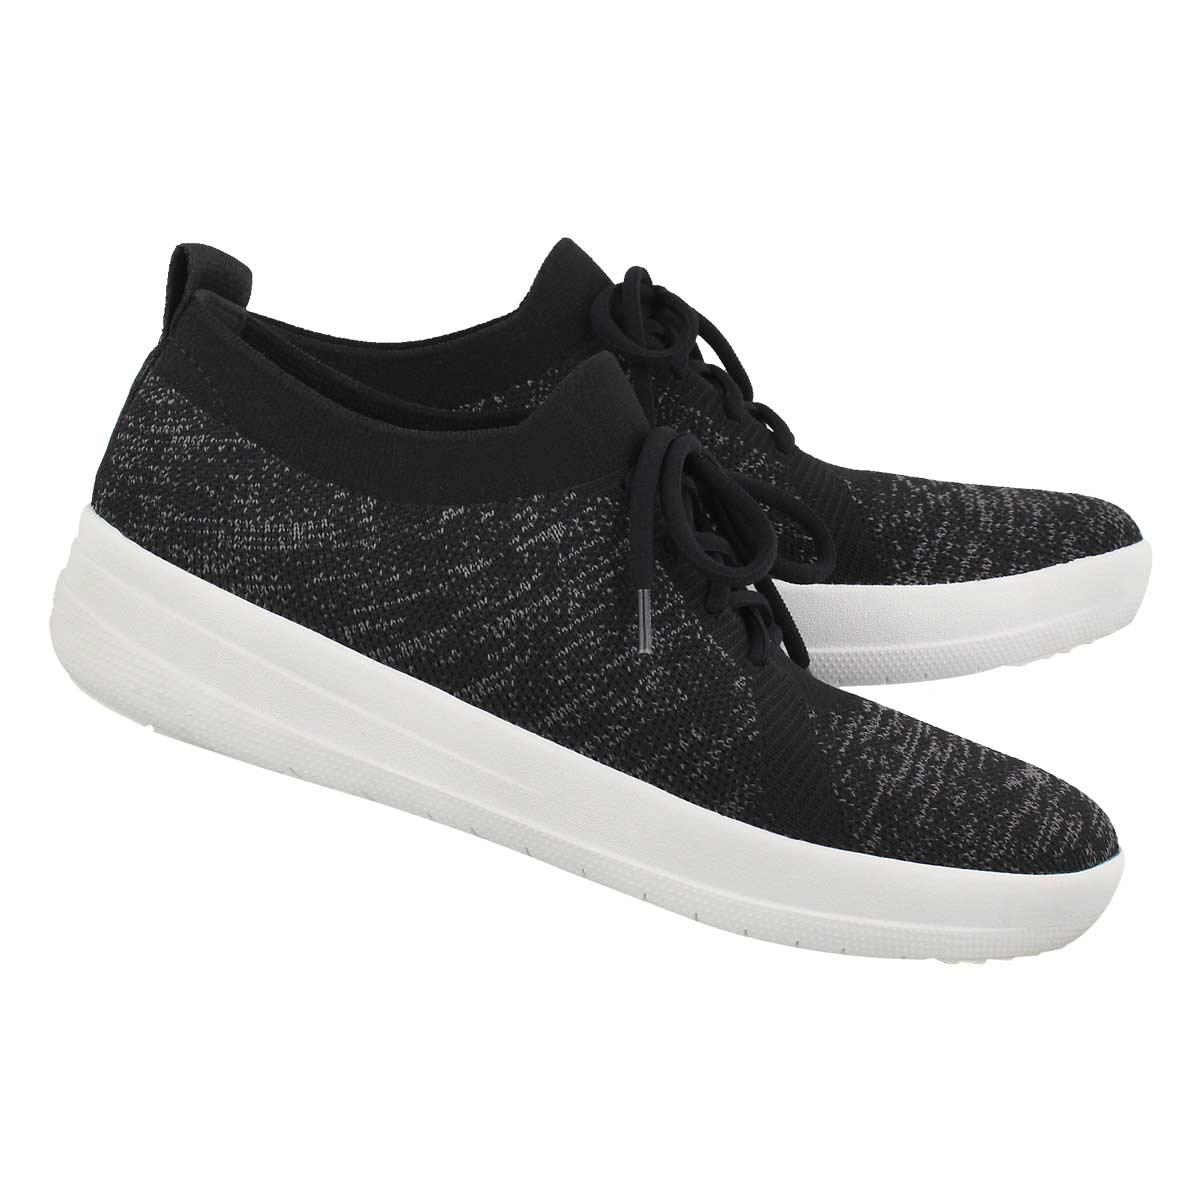 Lds Uberknit Sporty blk sneaker